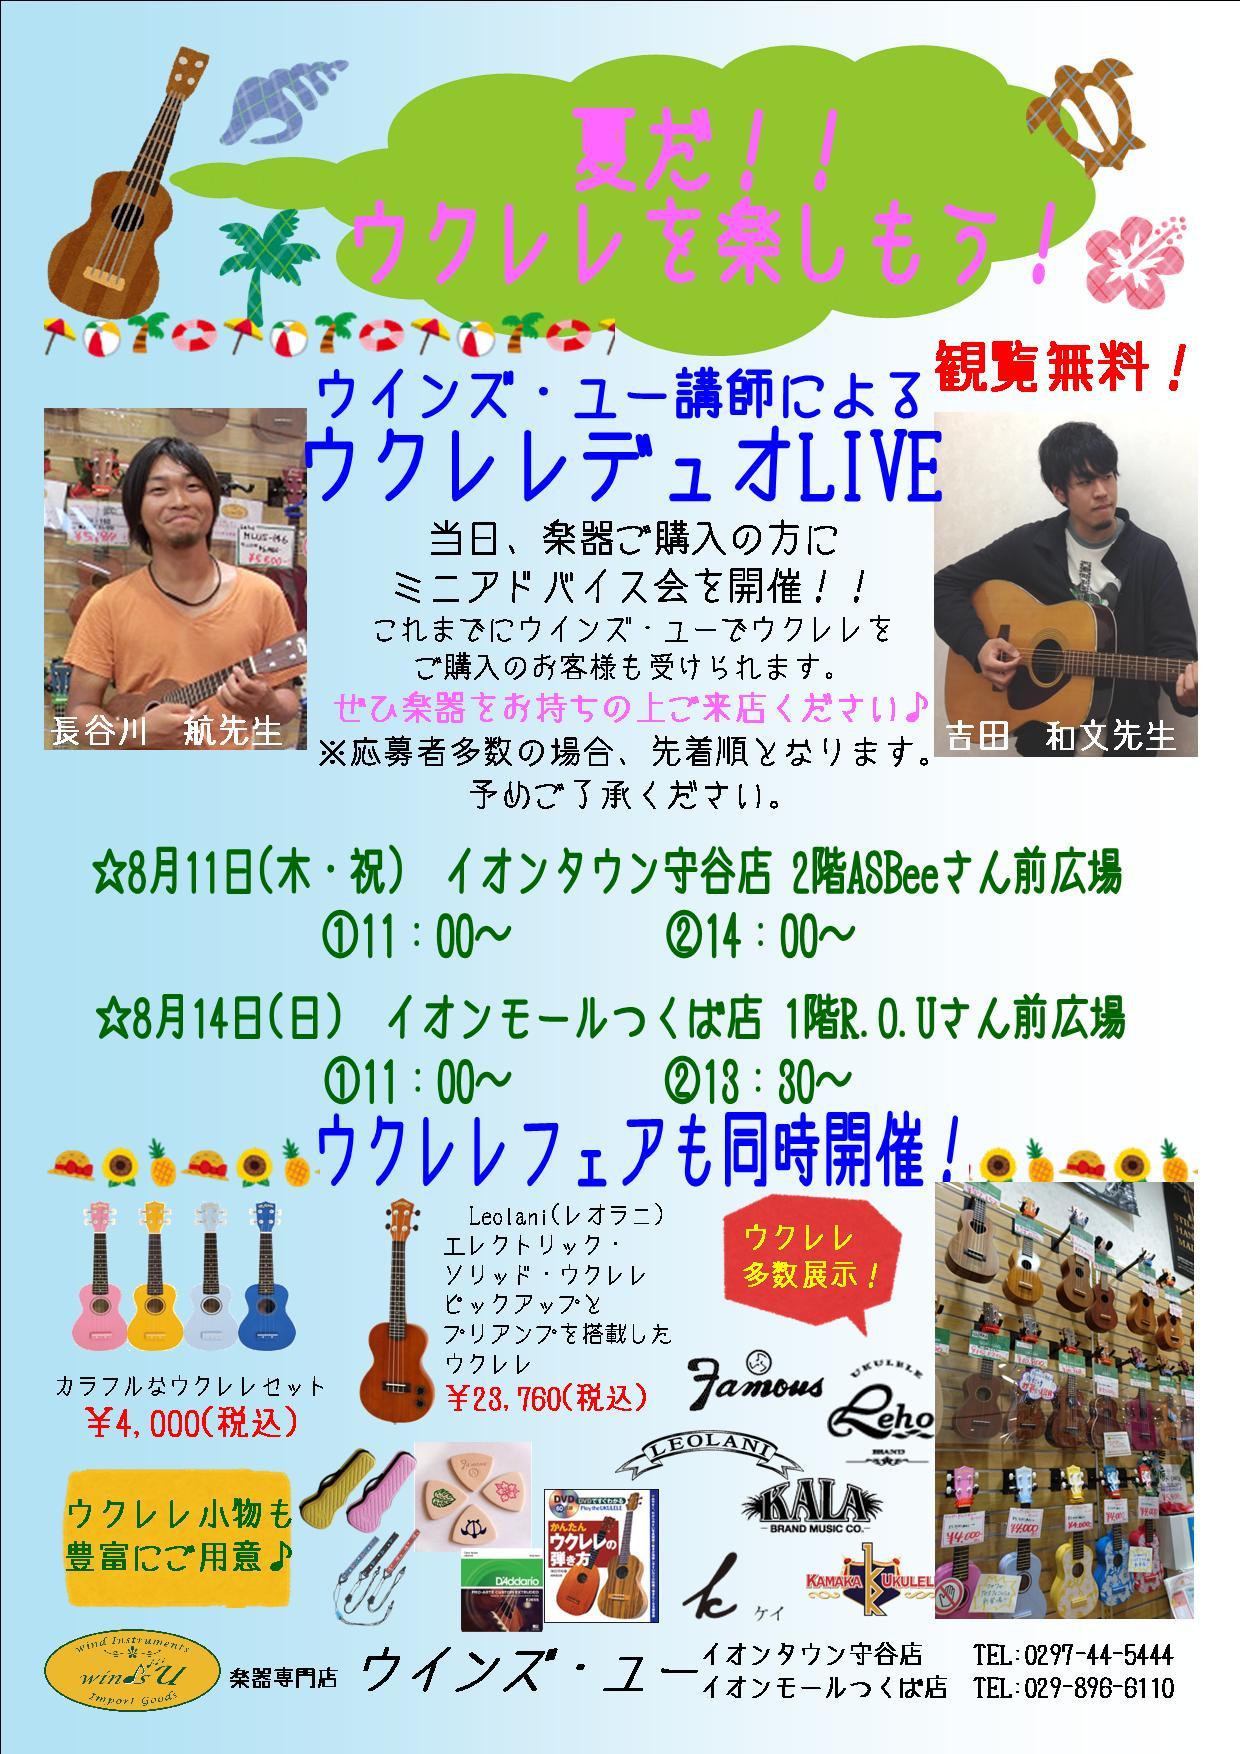 ウクレレライブ2016つくば守谷 (1)